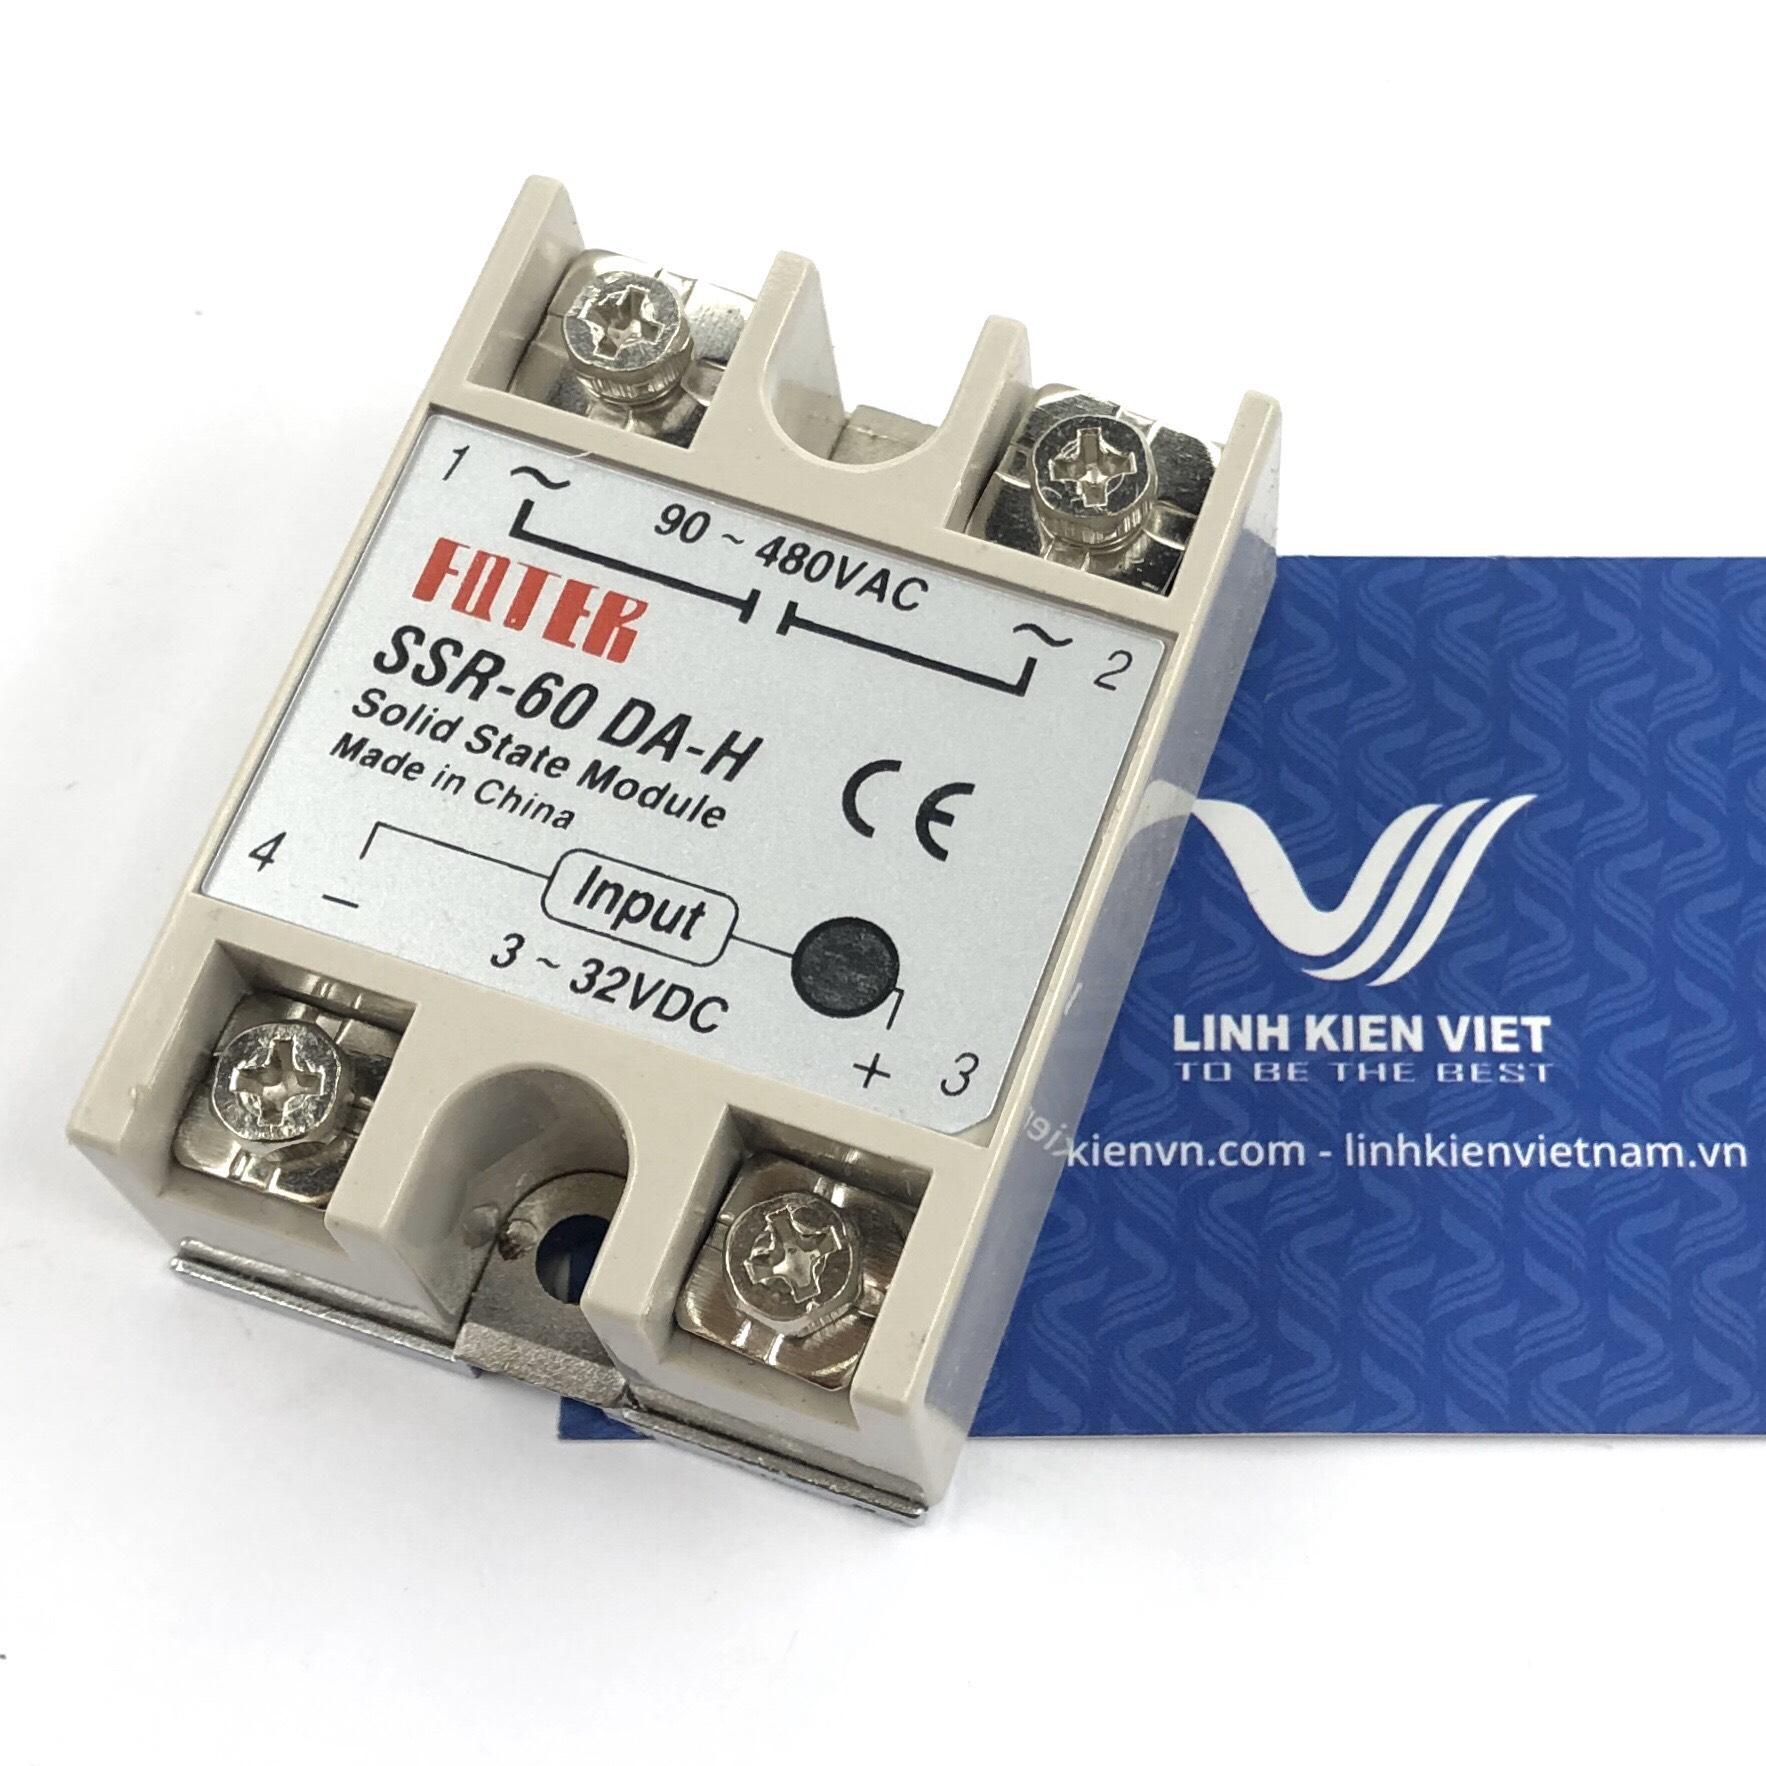 Relay bán dẫn SSR-60DA-H input 3-32VDC